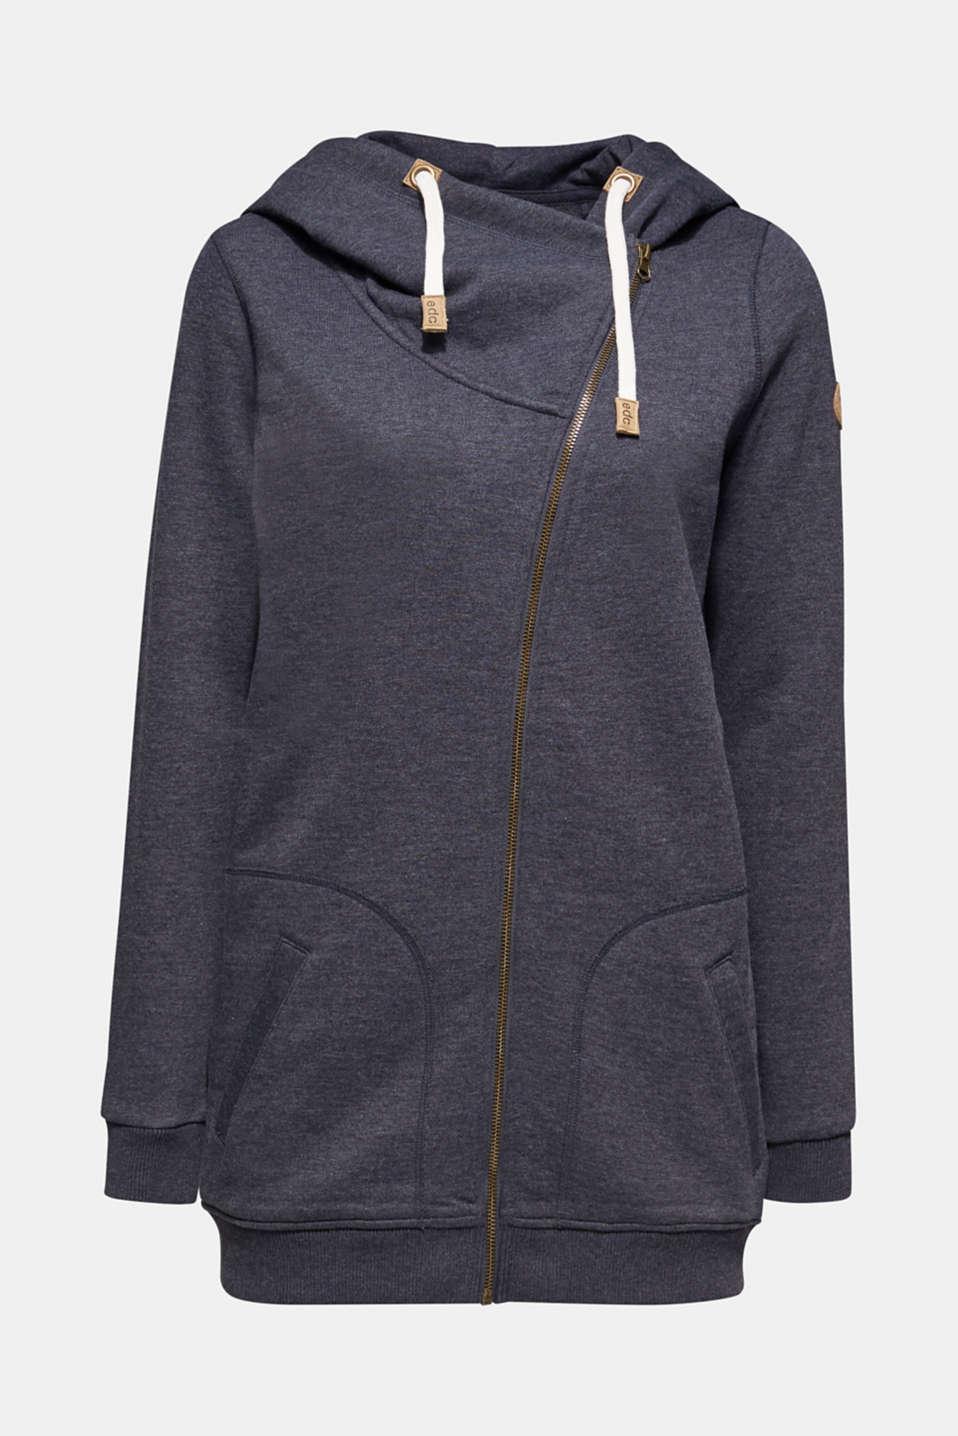 Sweatshirts, NAVY 5, detail image number 7